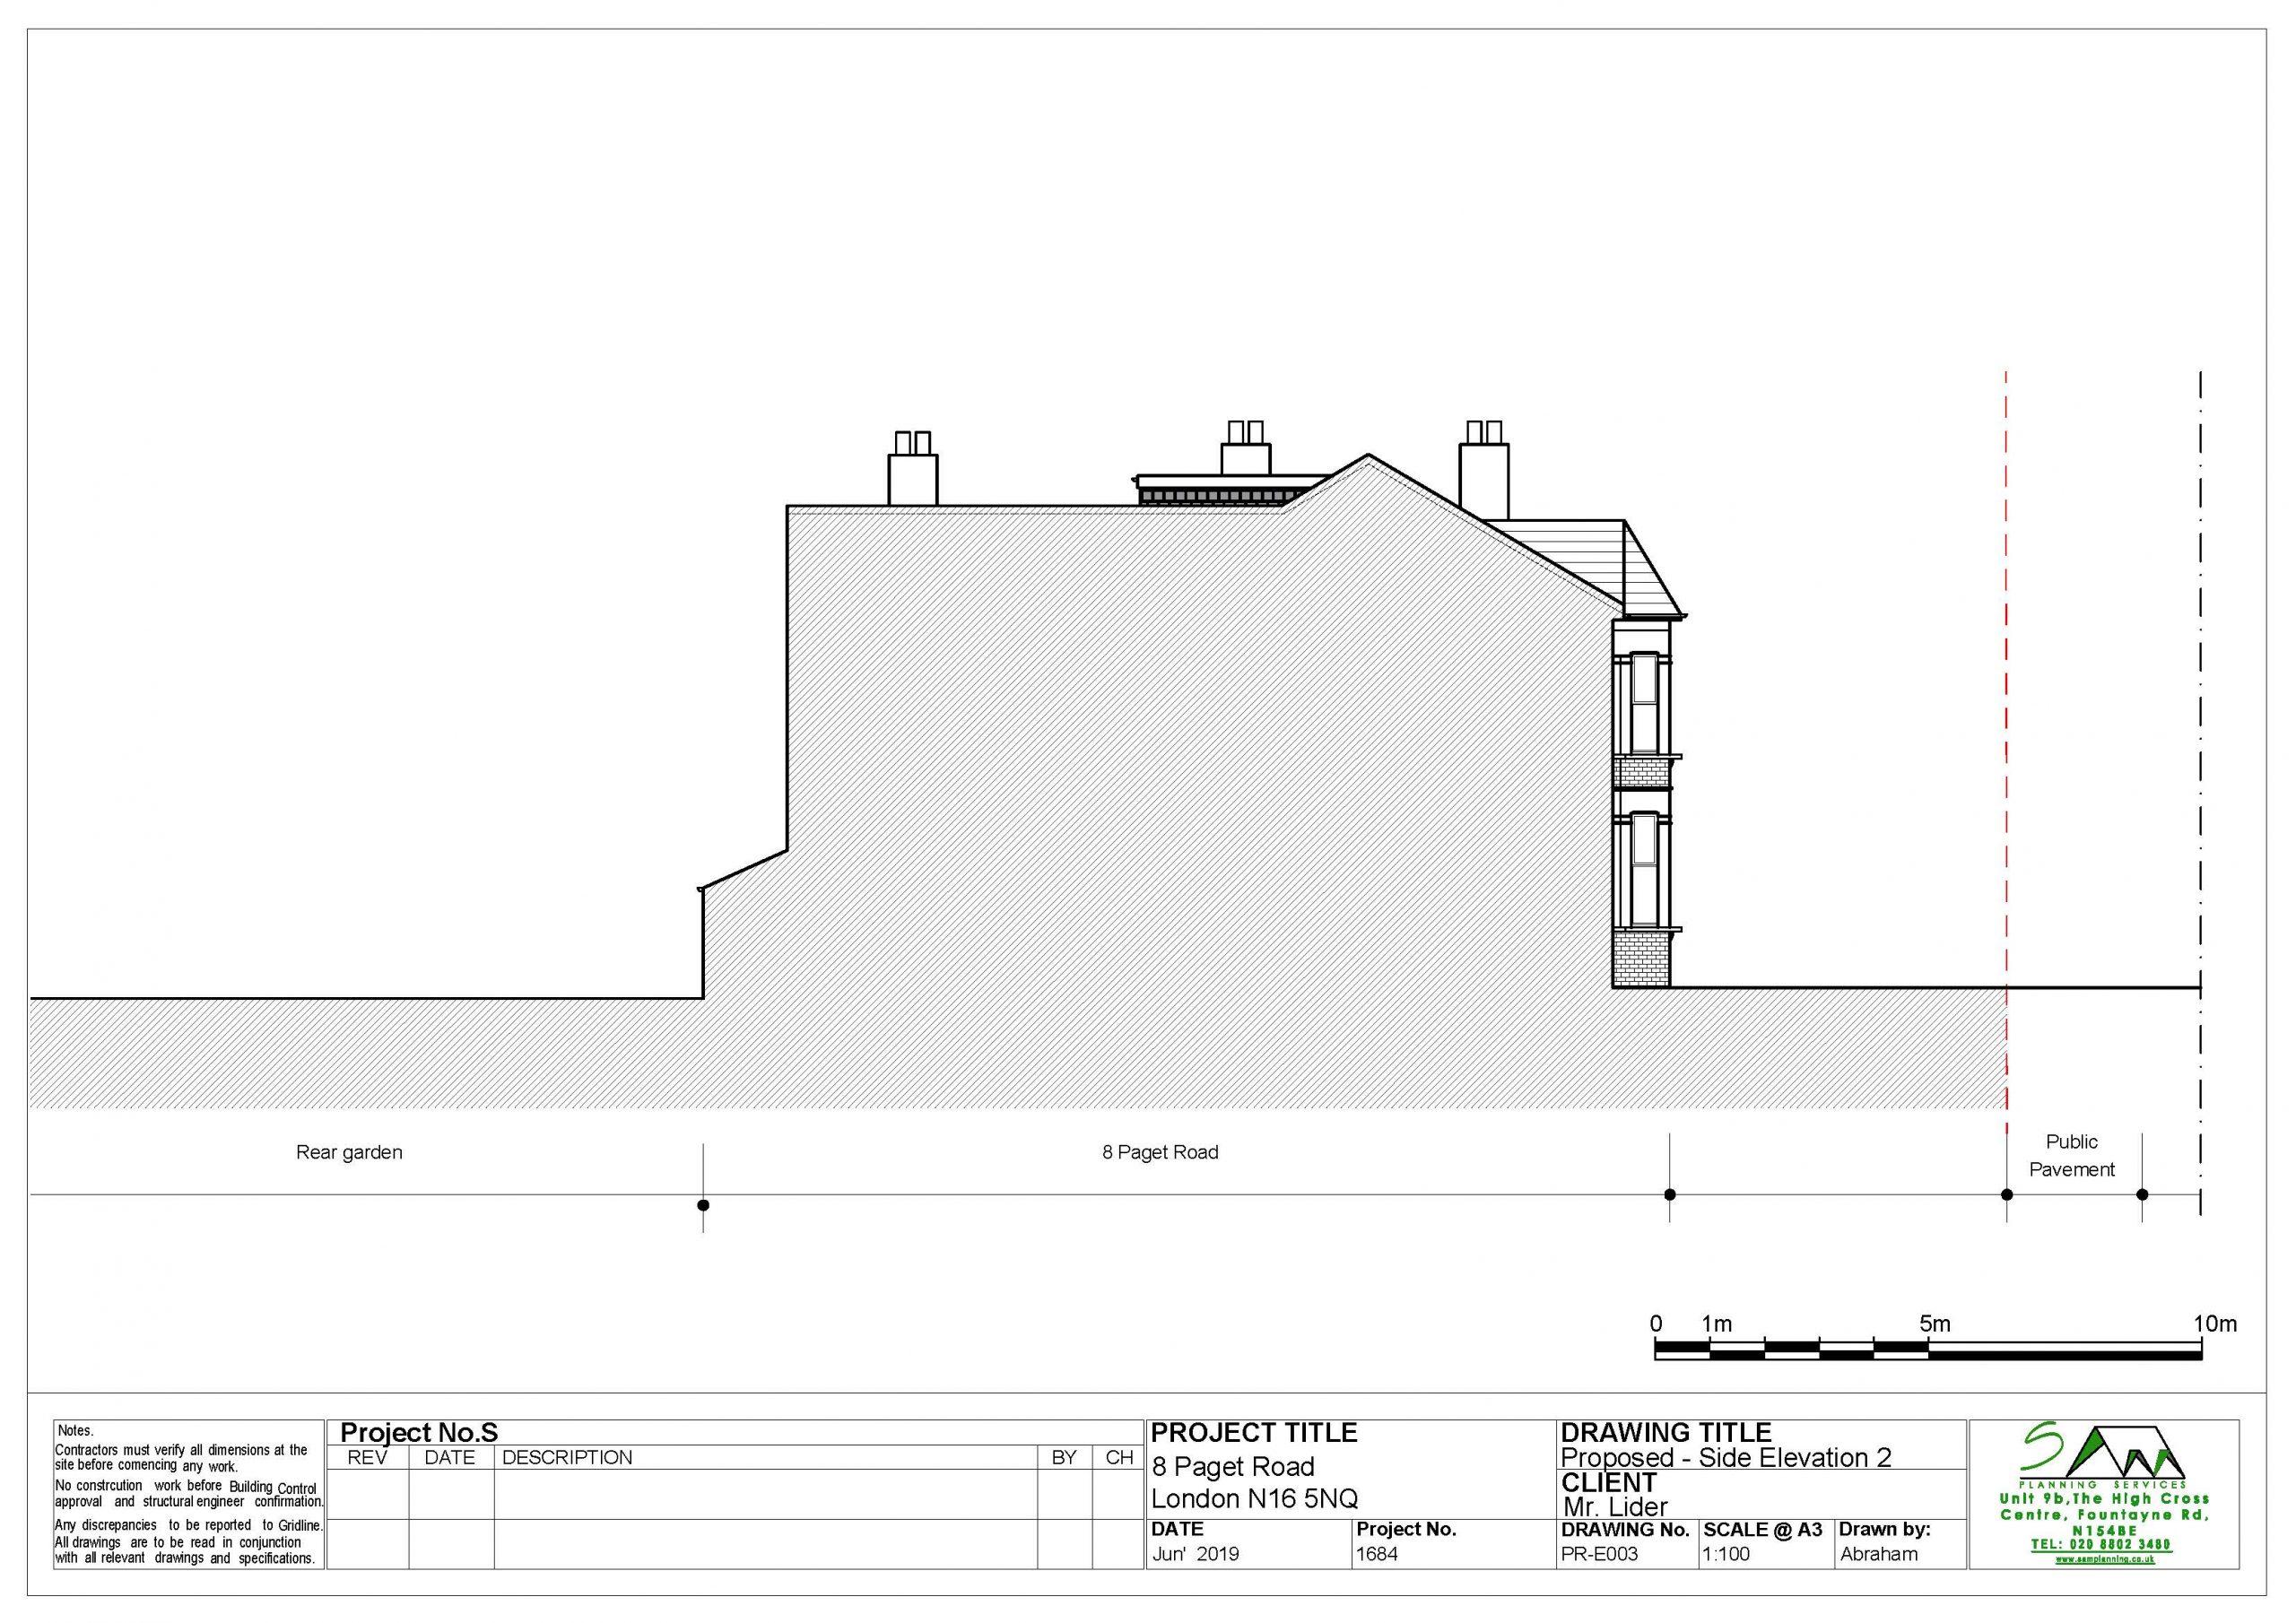 8pagetProposed Side elevation 2